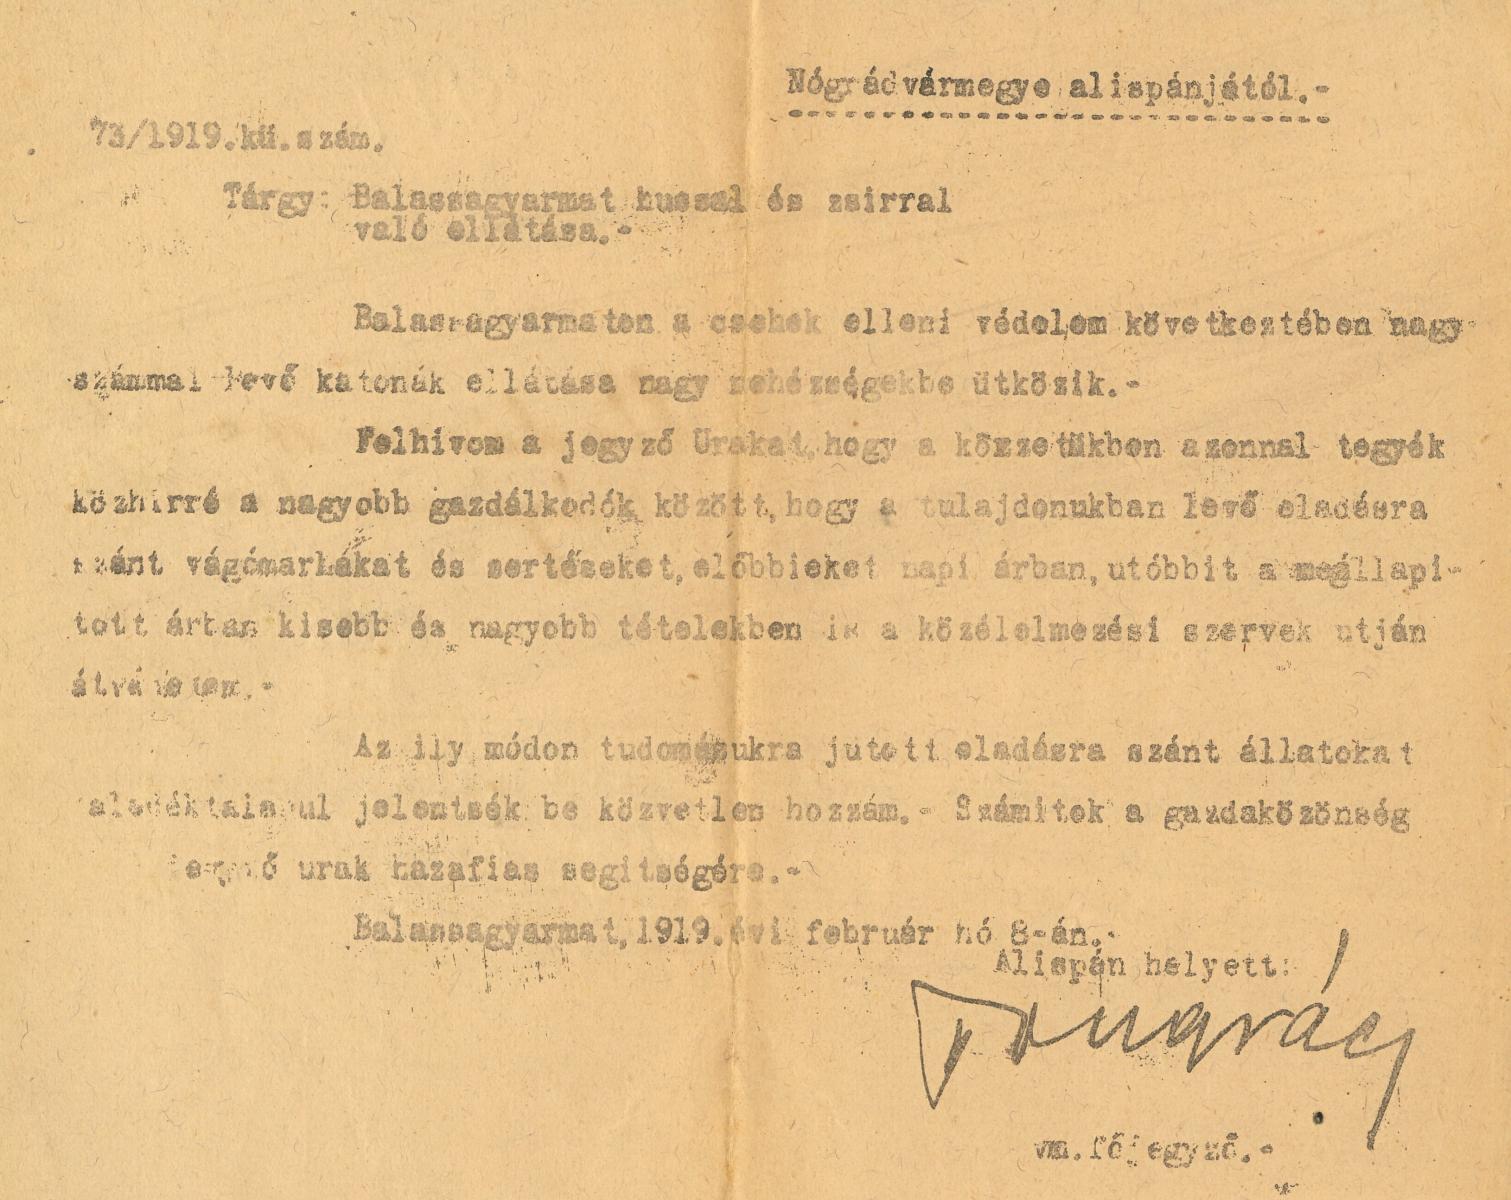 10.-V.207-5.d.-409-1919